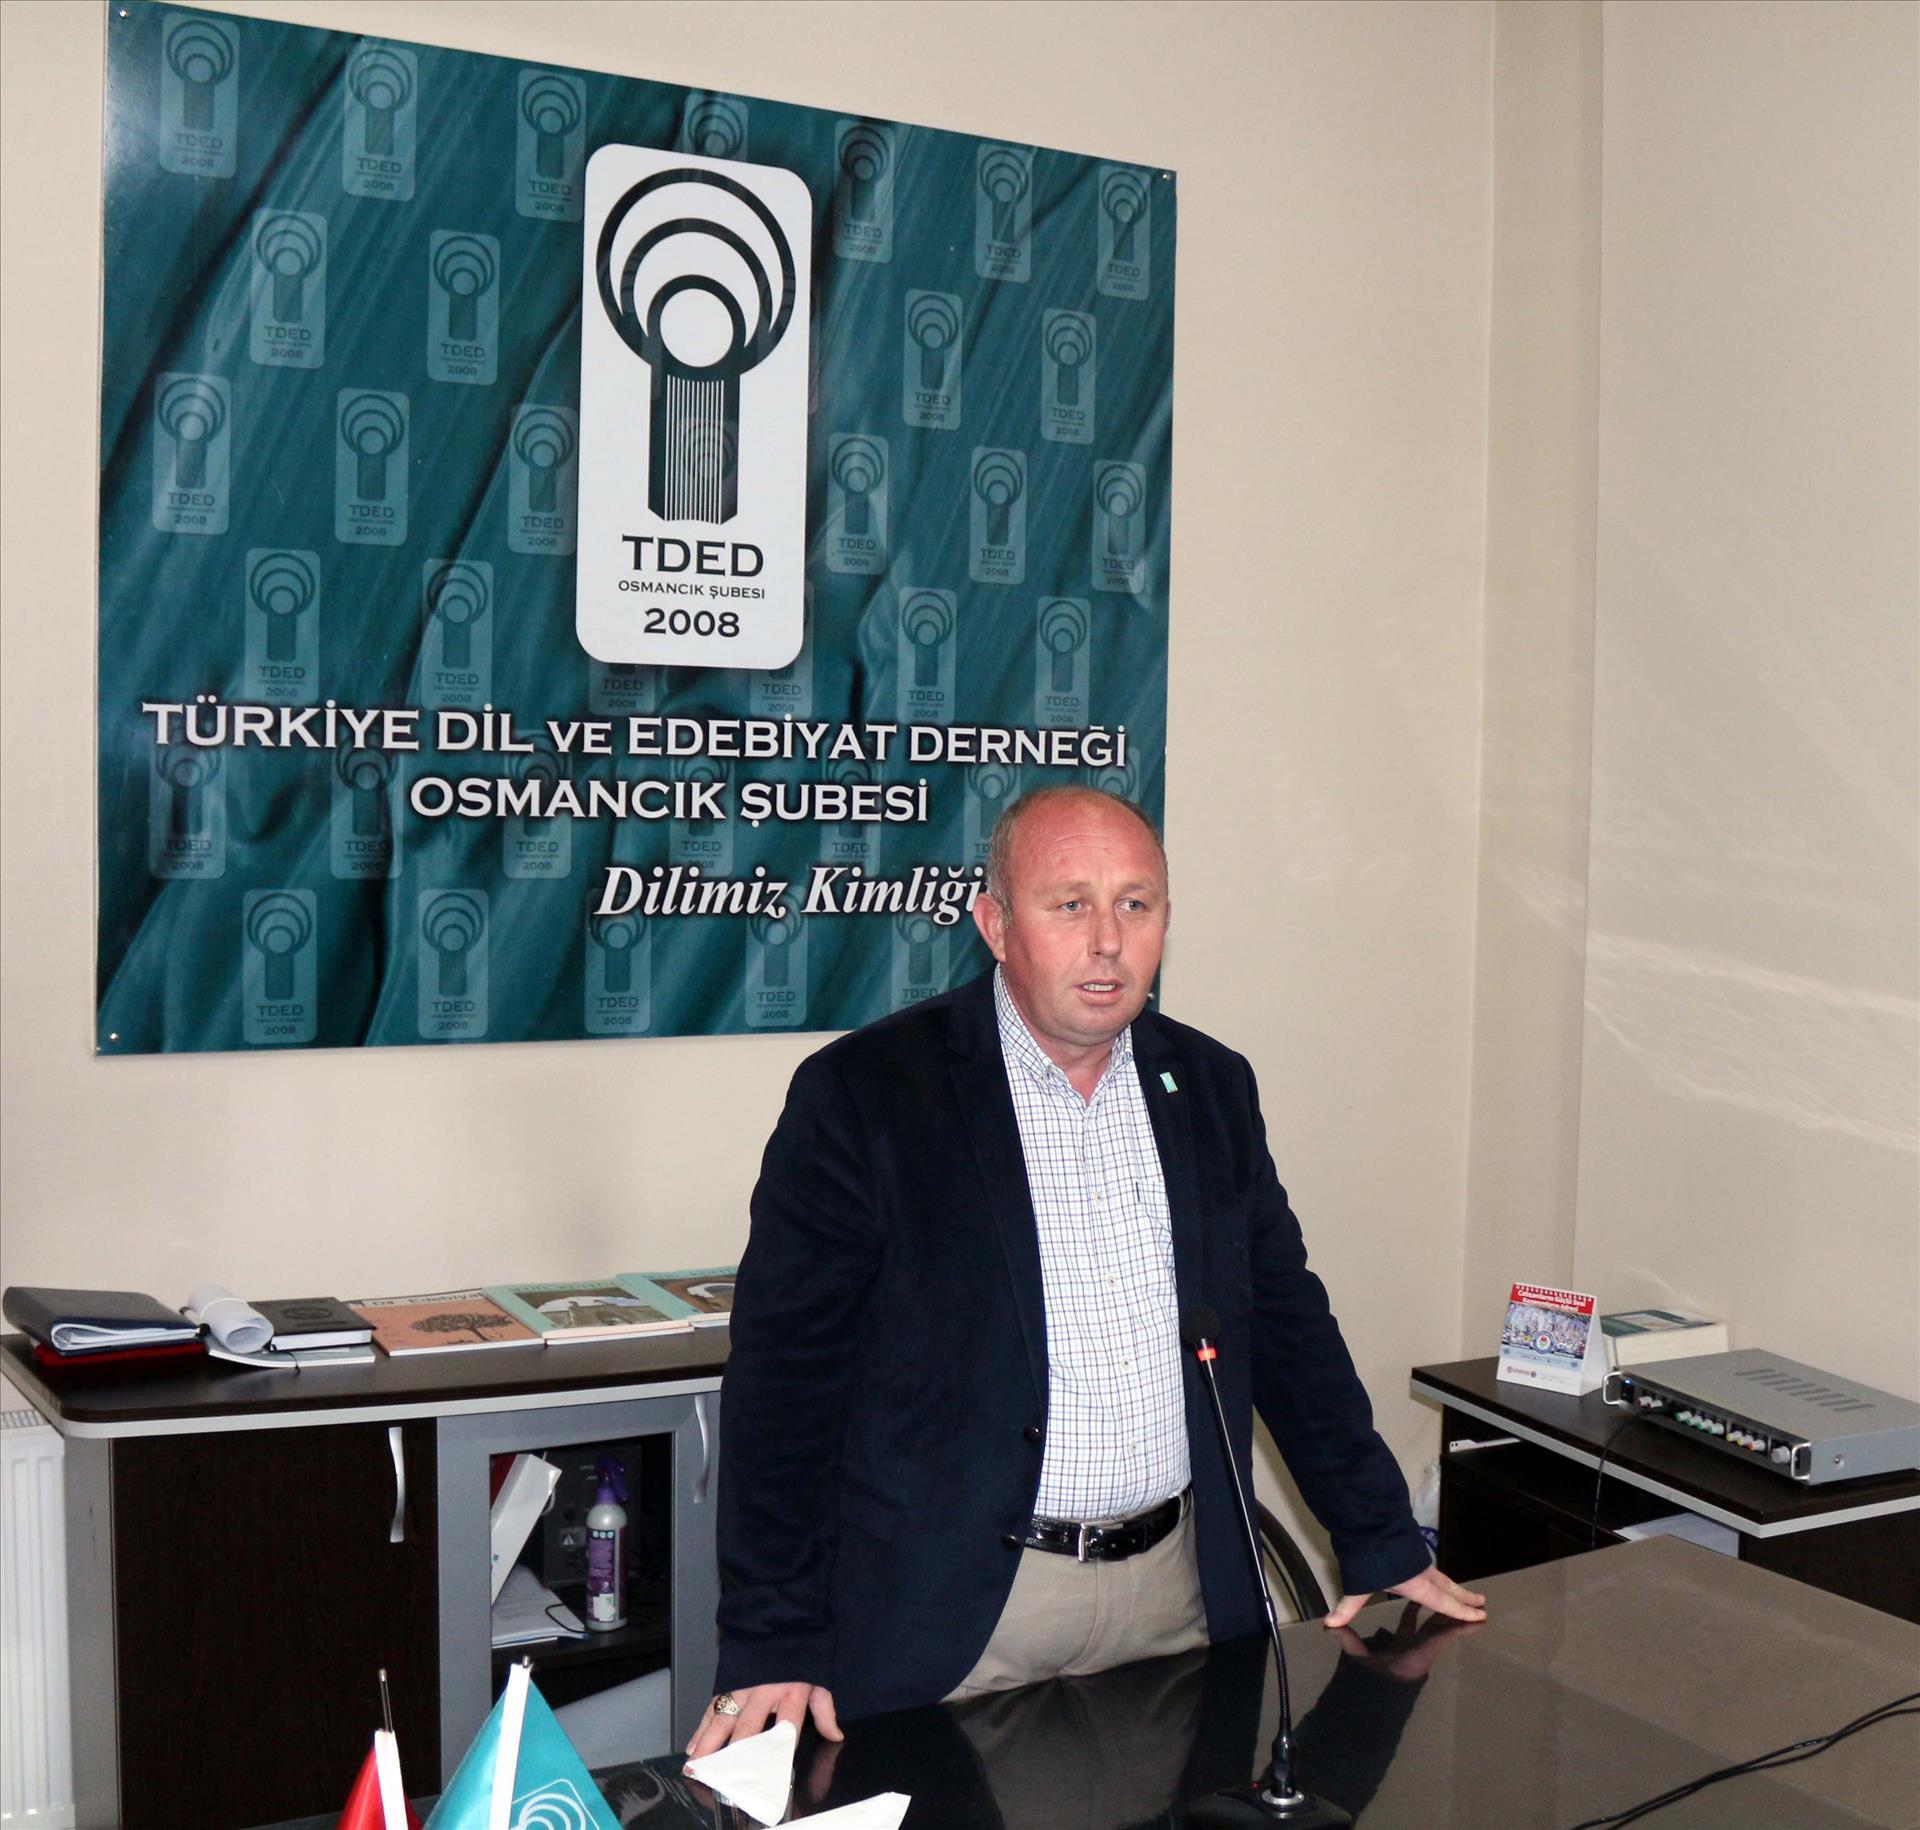 Rektörümüz Türkiye Dil ve Edebiyat Derneği Osmancık Şubesi'nde Düzenlenen Söyleşi Programına Katıldı